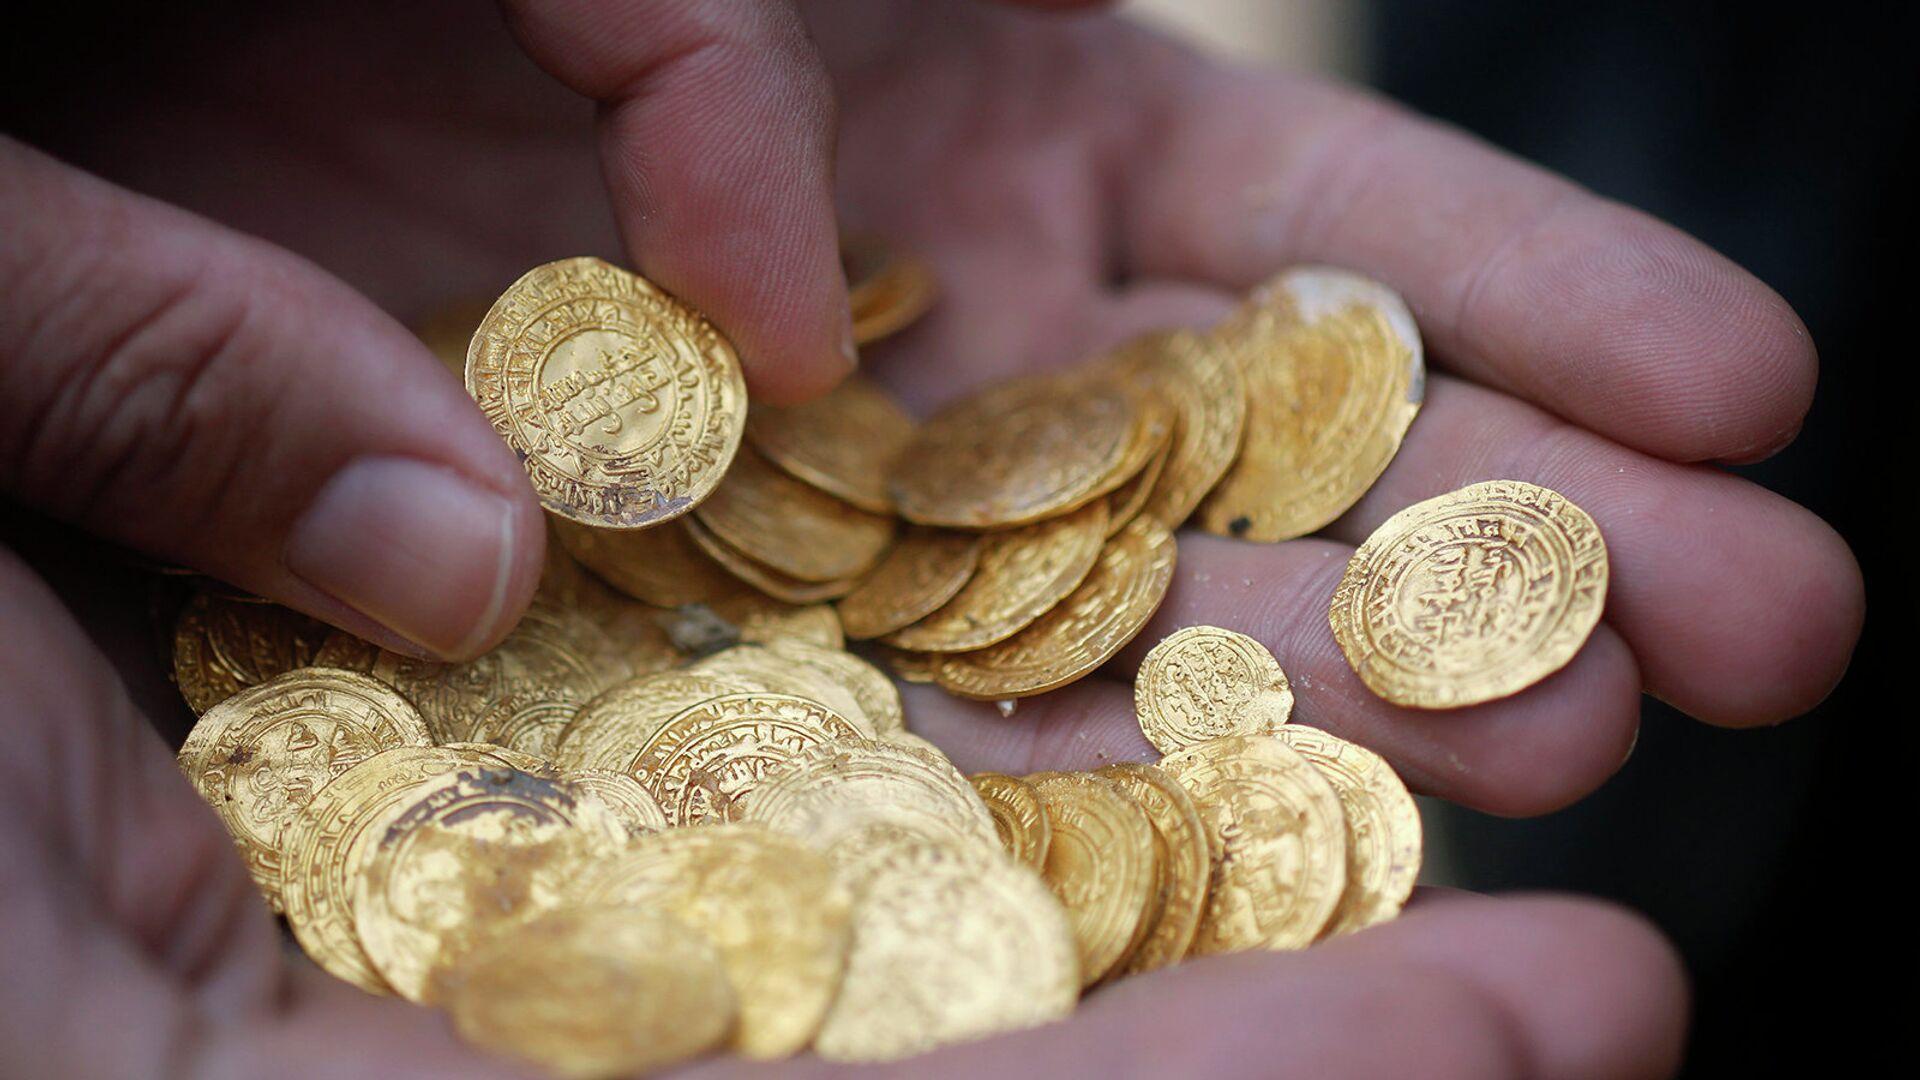 Израильские дайверы нашли самый большой в стране клад золотых монет - Sputnik Таджикистан, 1920, 26.09.2021